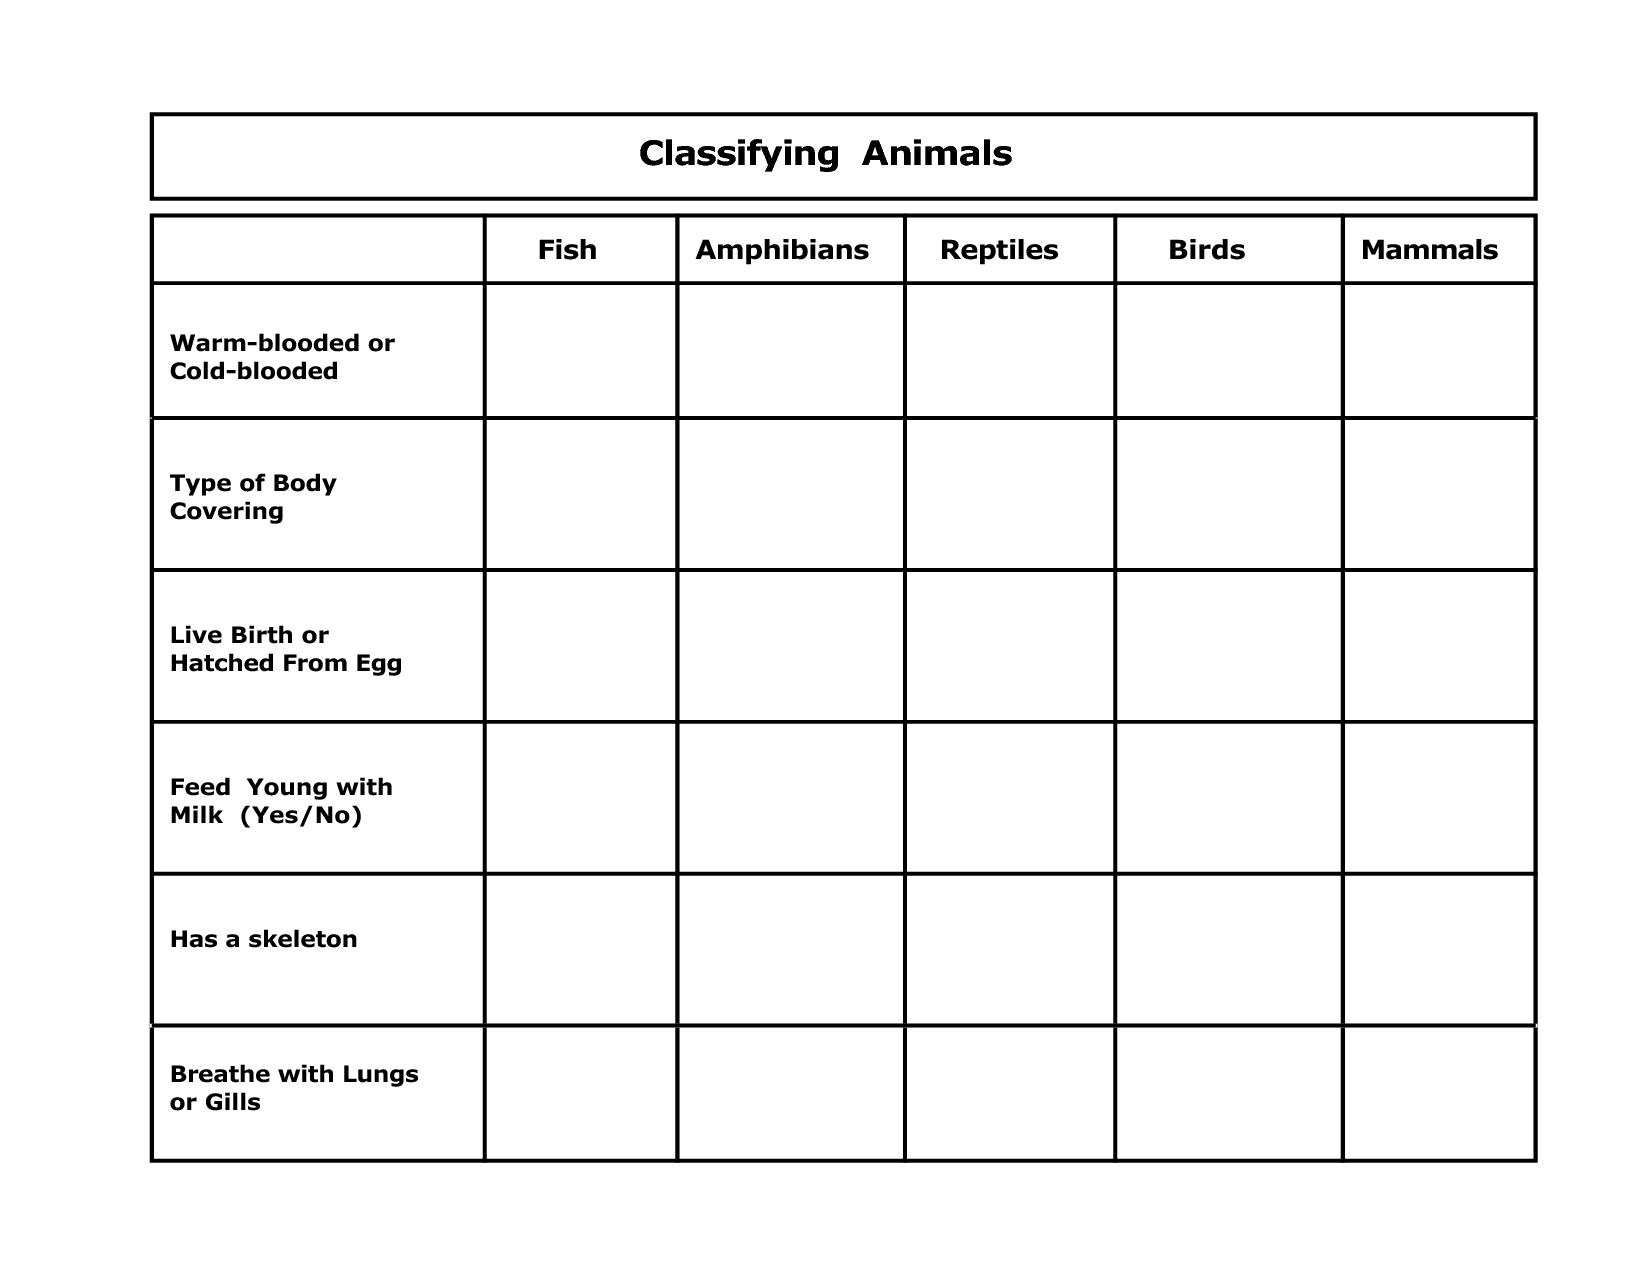 6955b8895ef29515b88cab2c0b55f02b.jpg (1650×1275)   Classifying animals [ 1275 x 1650 Pixel ]